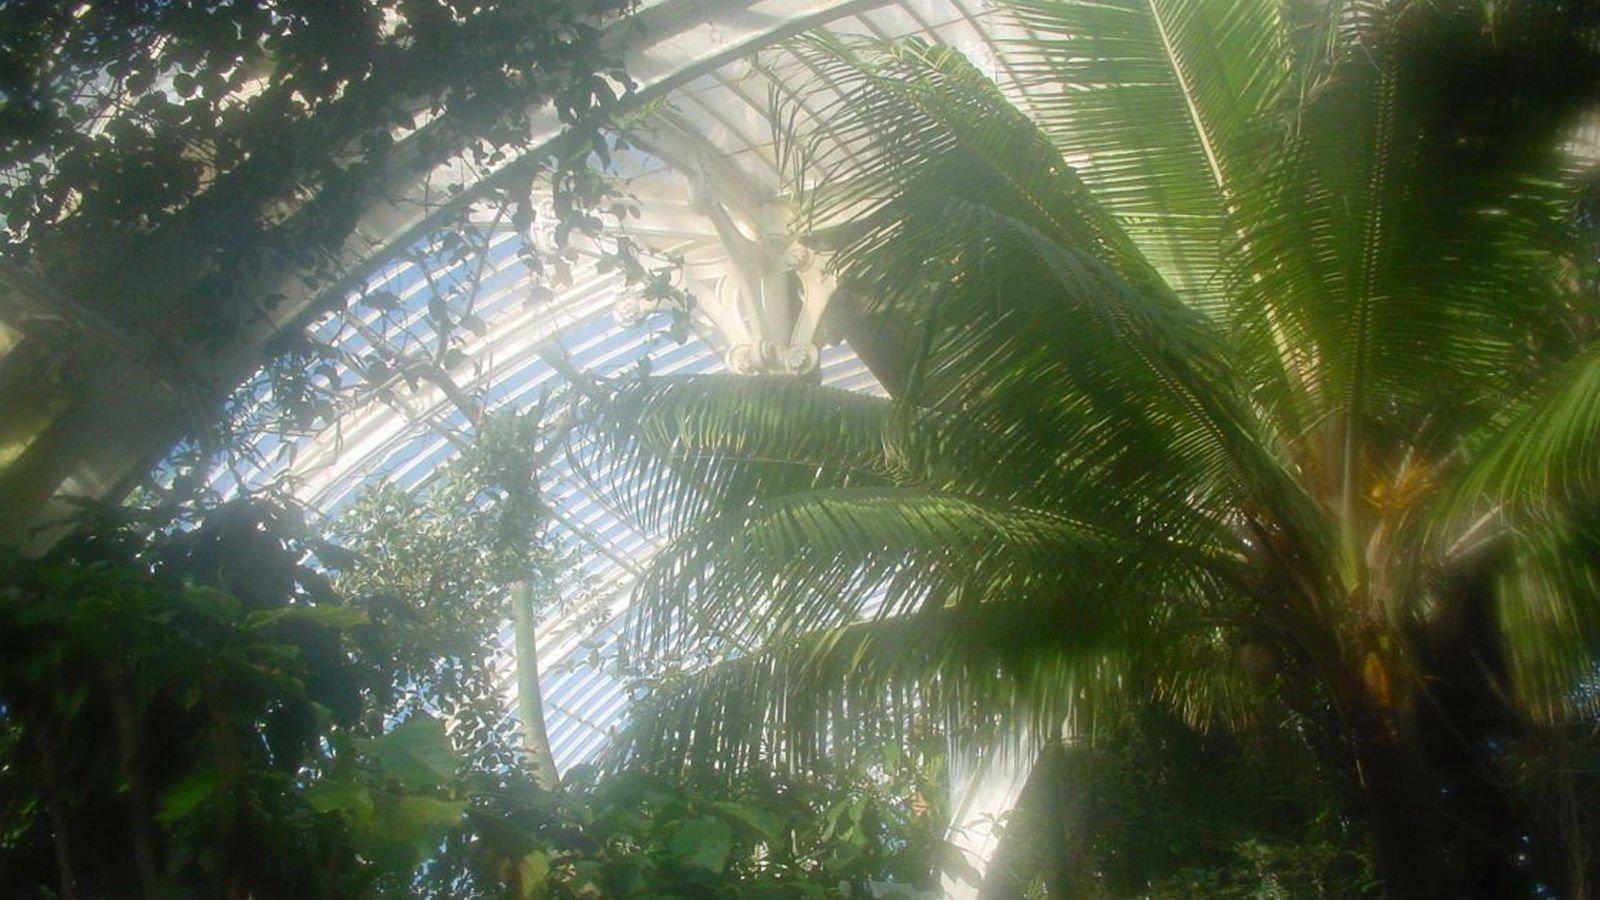 Hvad er drivhuseffekt? Bliv klogere på drivhuseffekten i denne artikel.